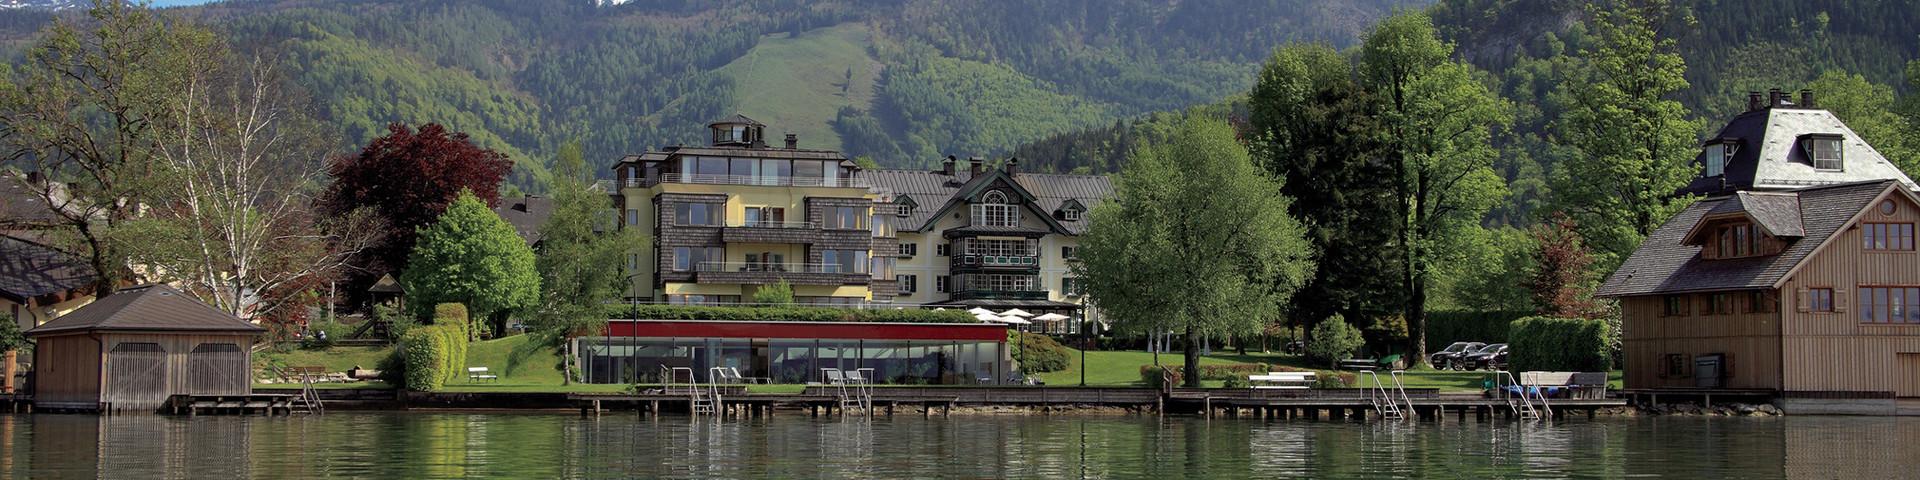 Seehotel Brandauer's Villen - Aussenansicht vom Wolfgangsee © Seehotel Brandauer's Villen